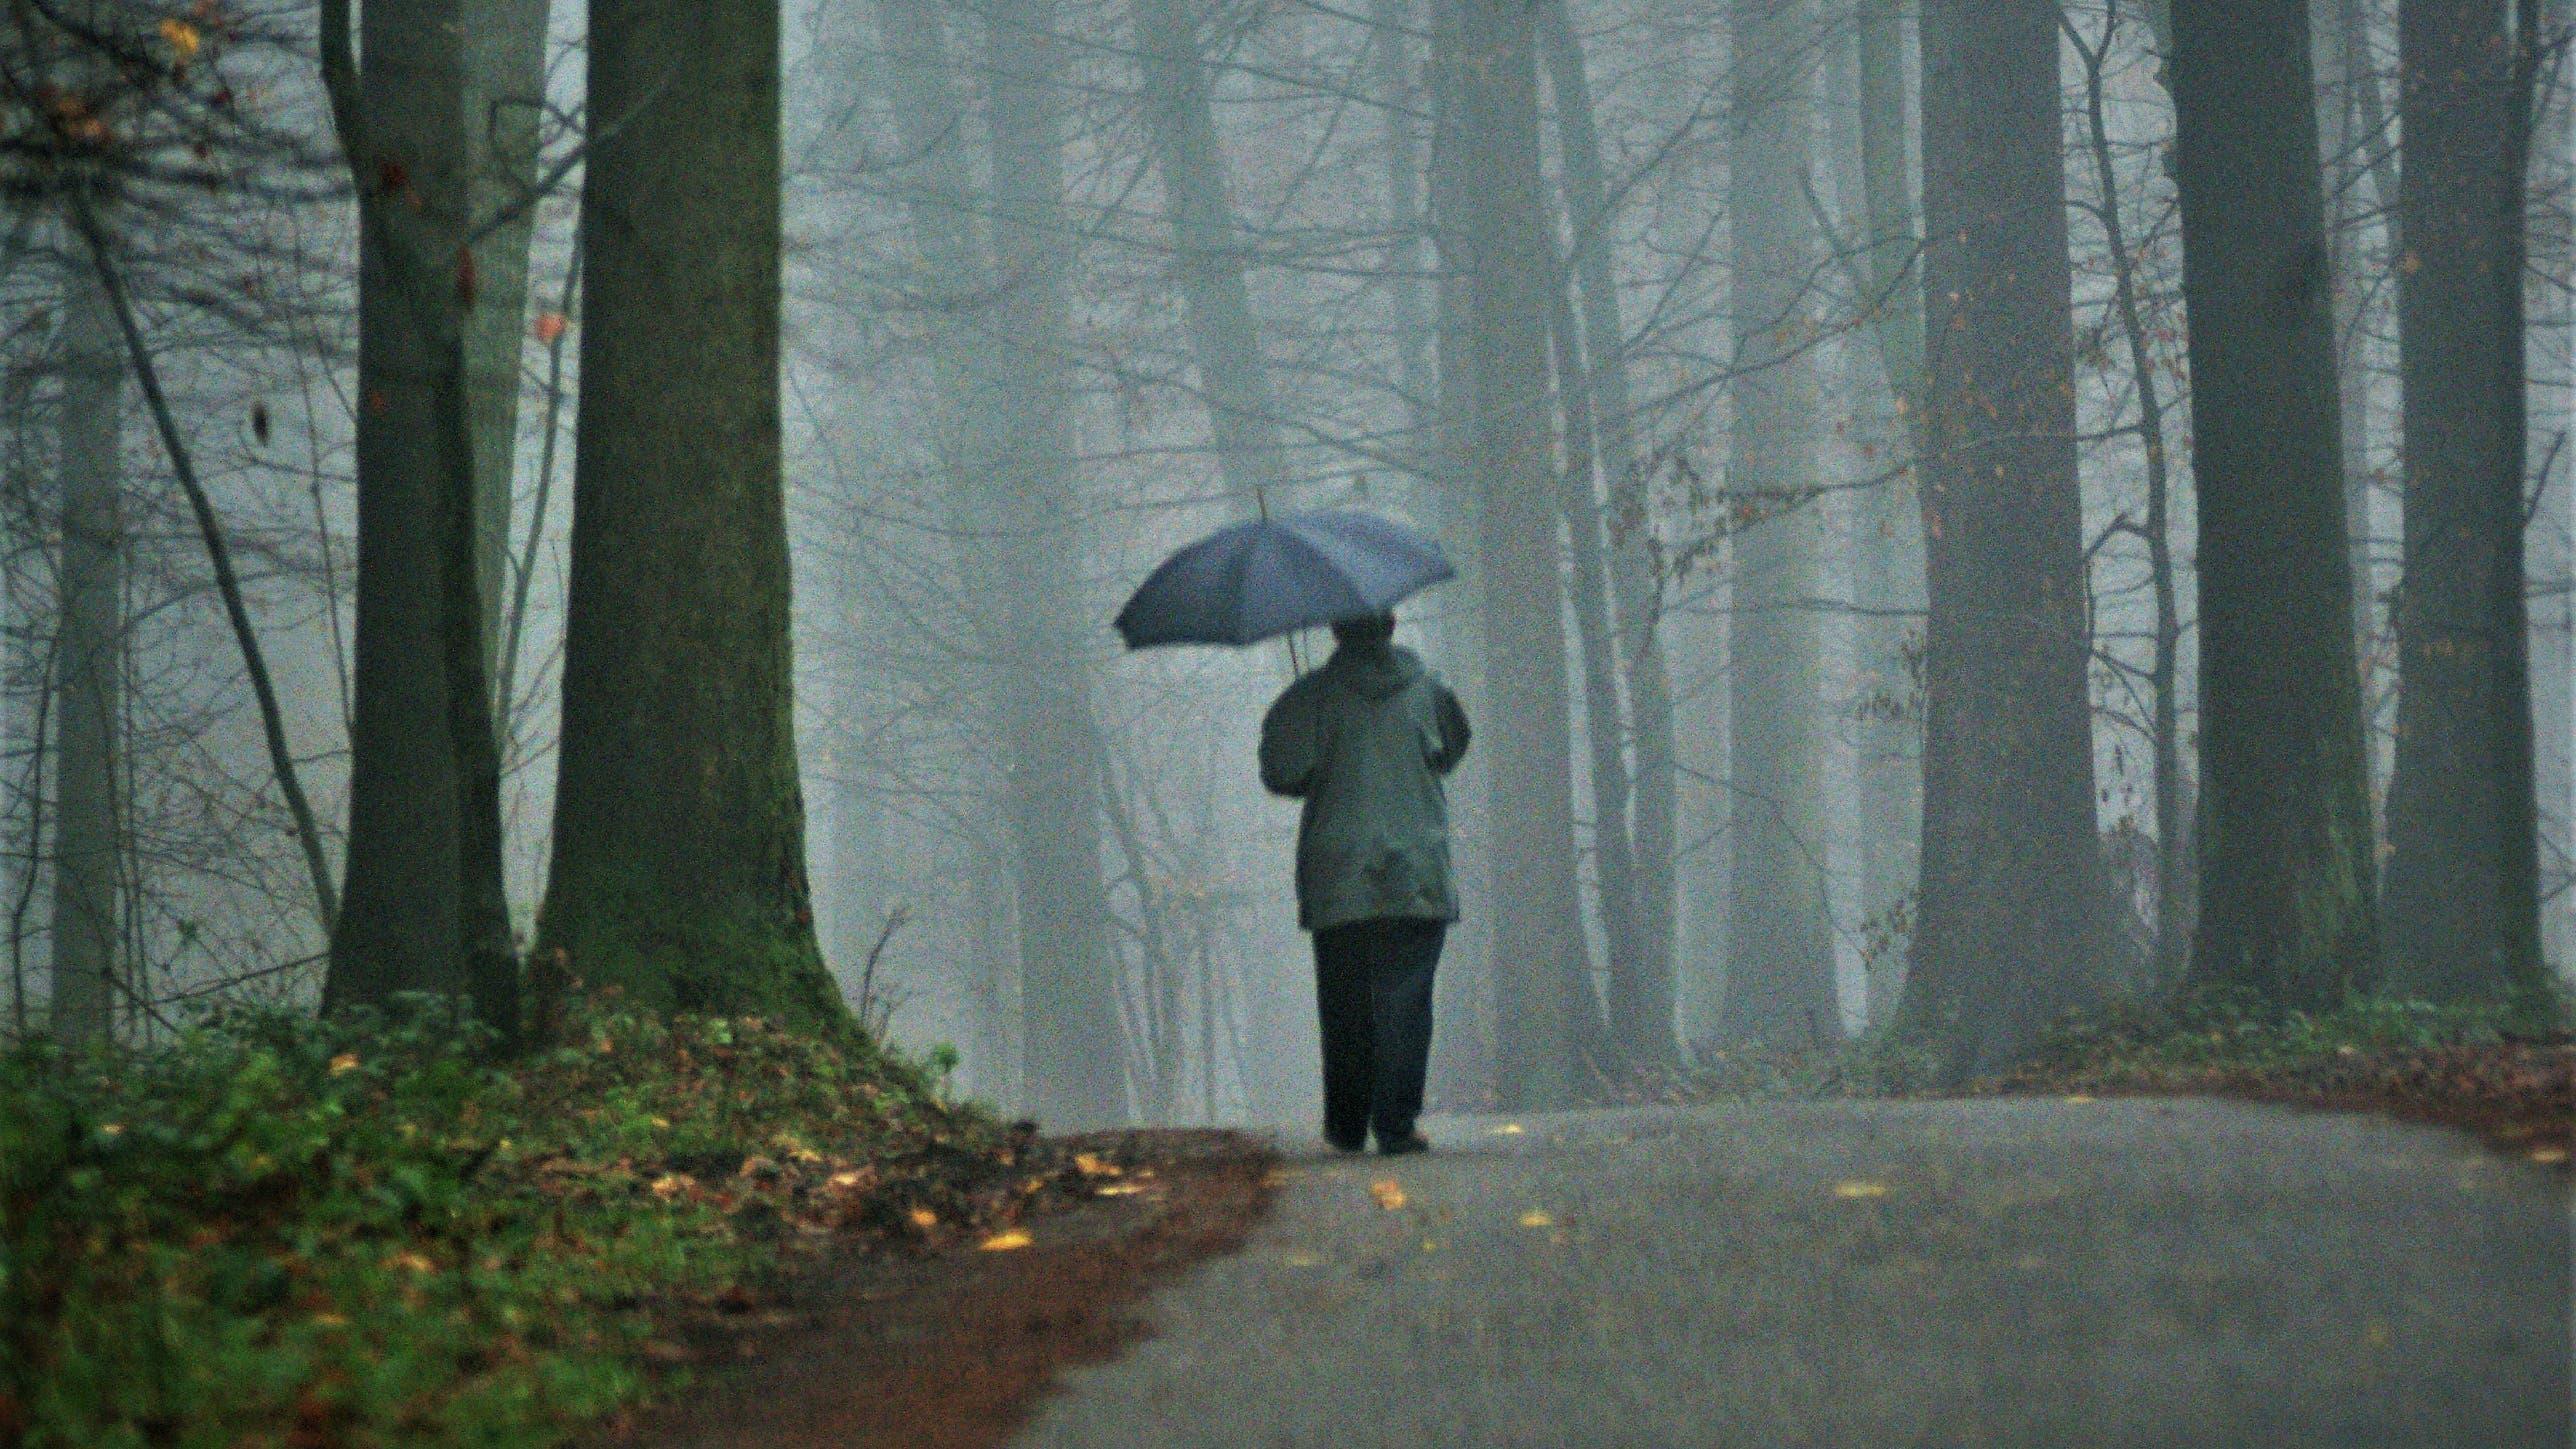 Winterdepressionen betreffen 3 bis 9 % der Bevölkerung. Die Krankheit ist mithilfe von Licht gut behandelbar.